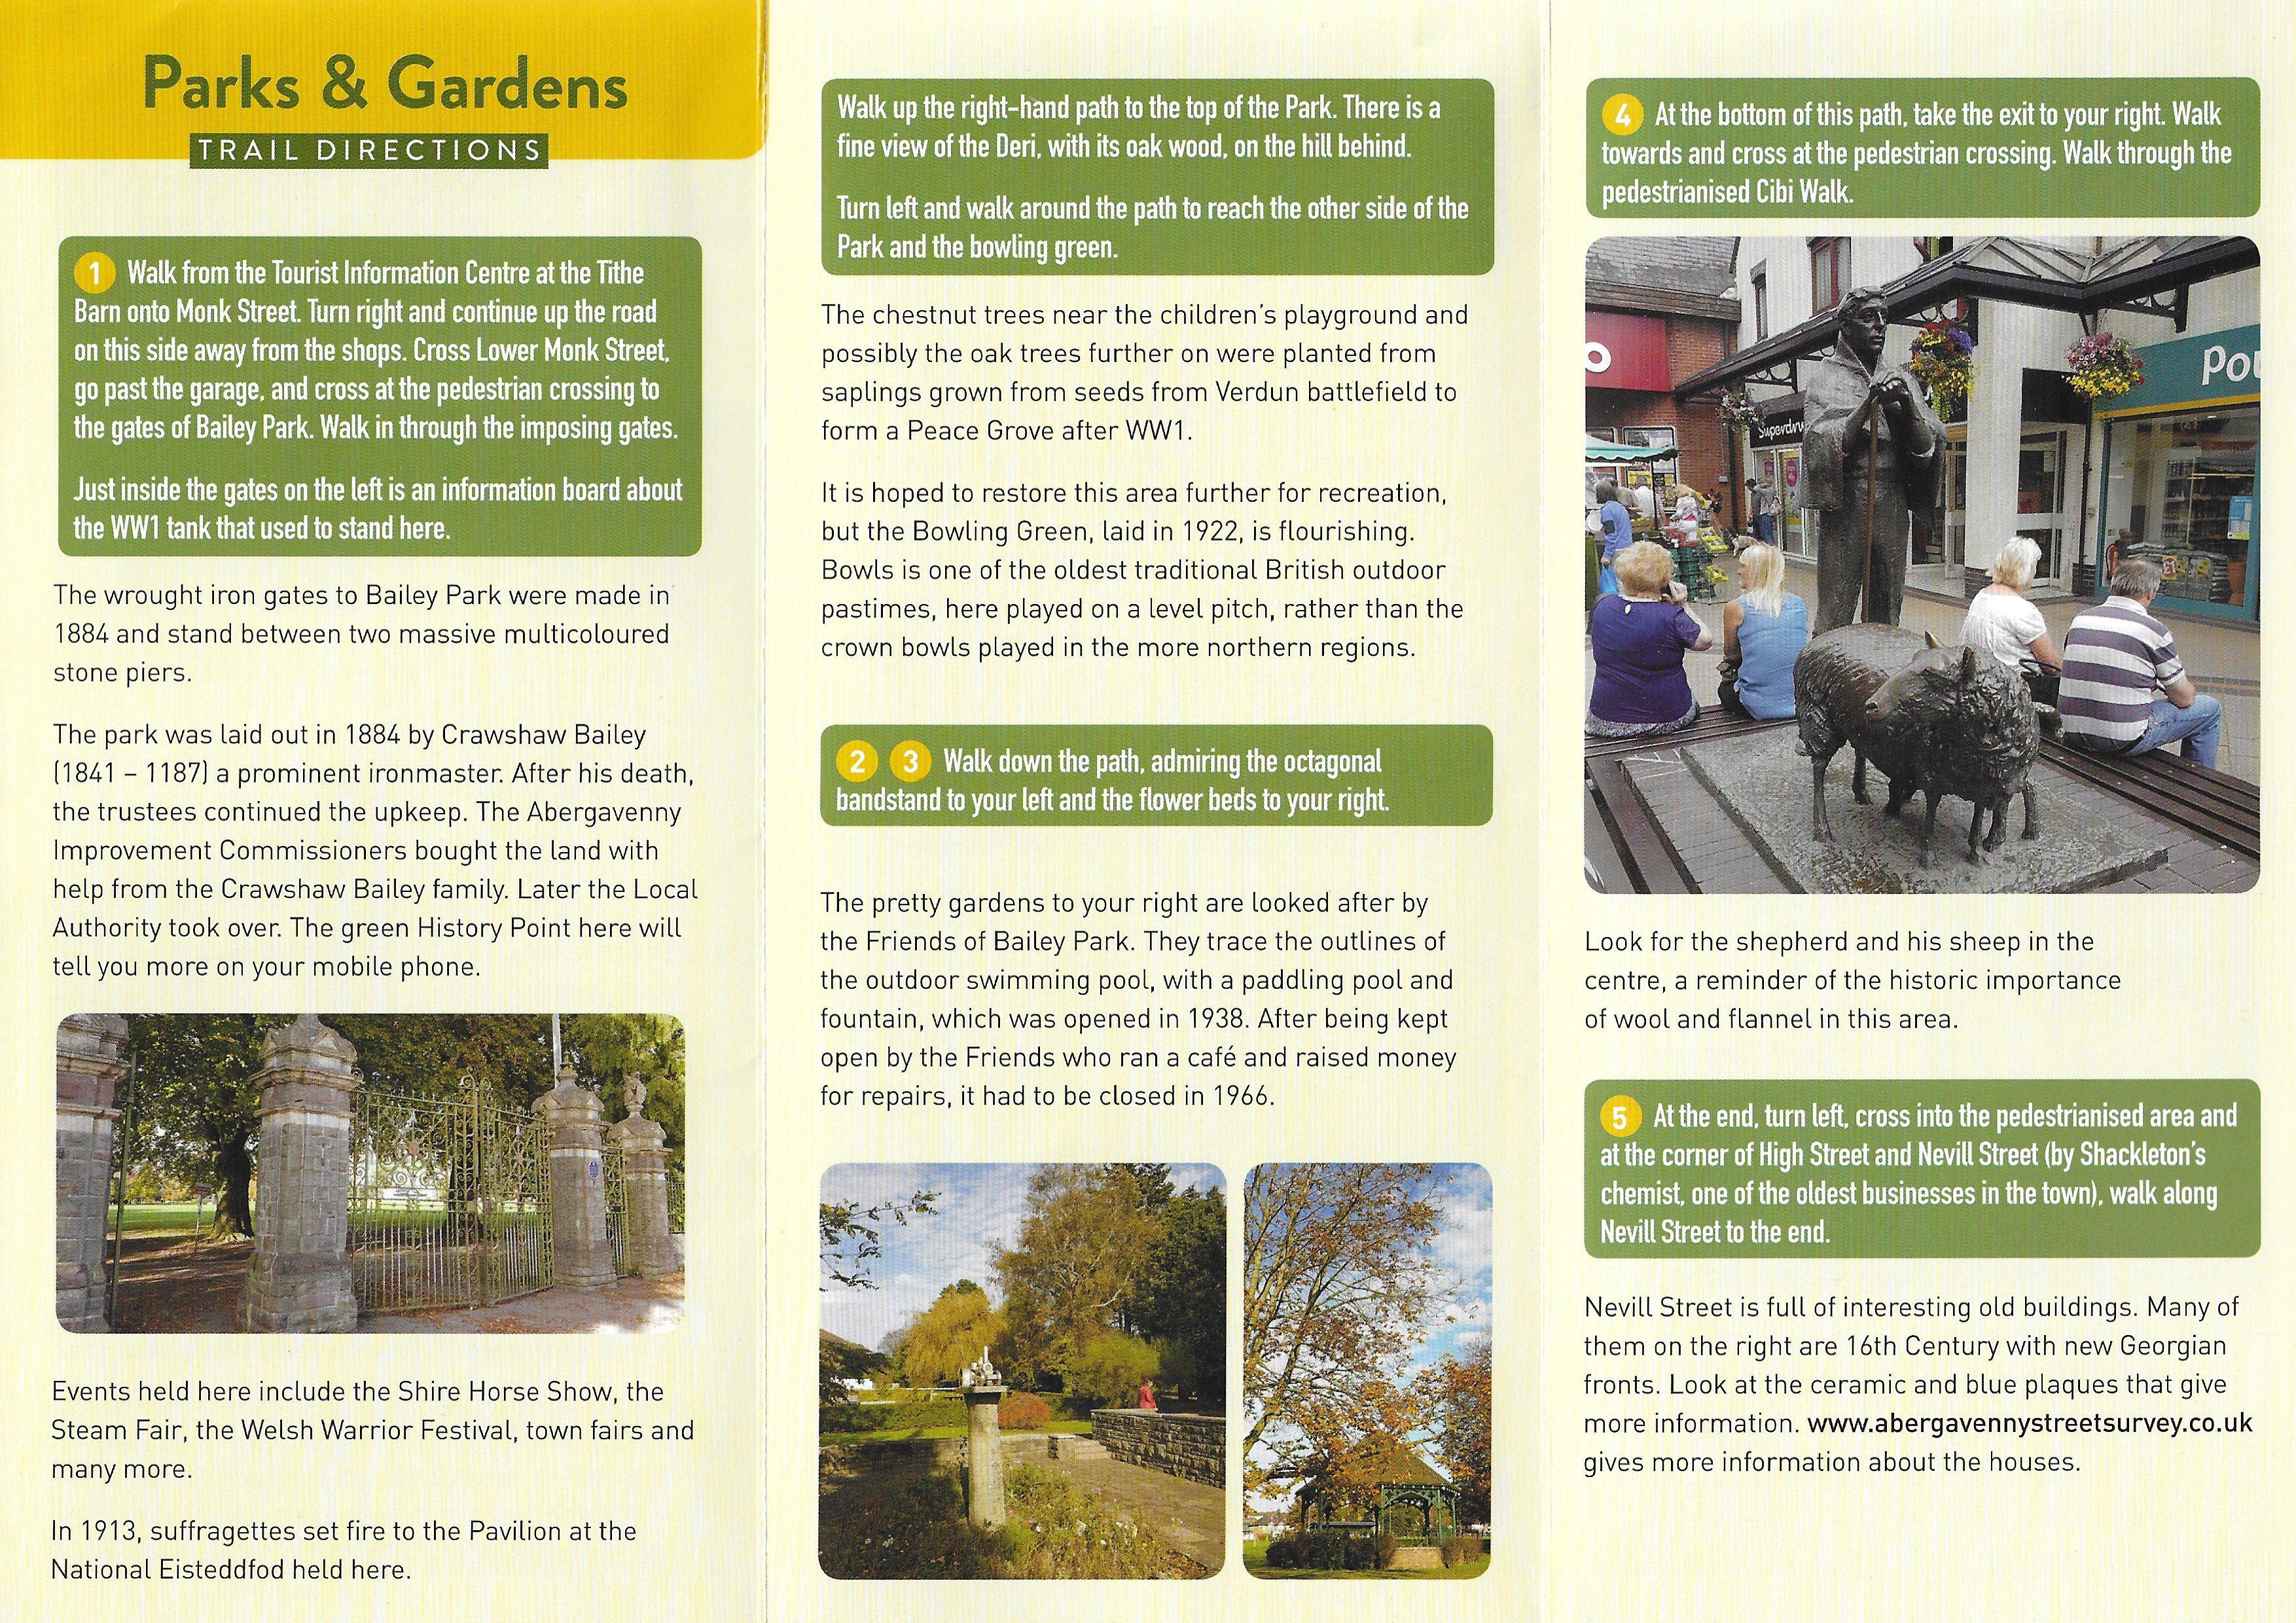 Parks & Gardens 2